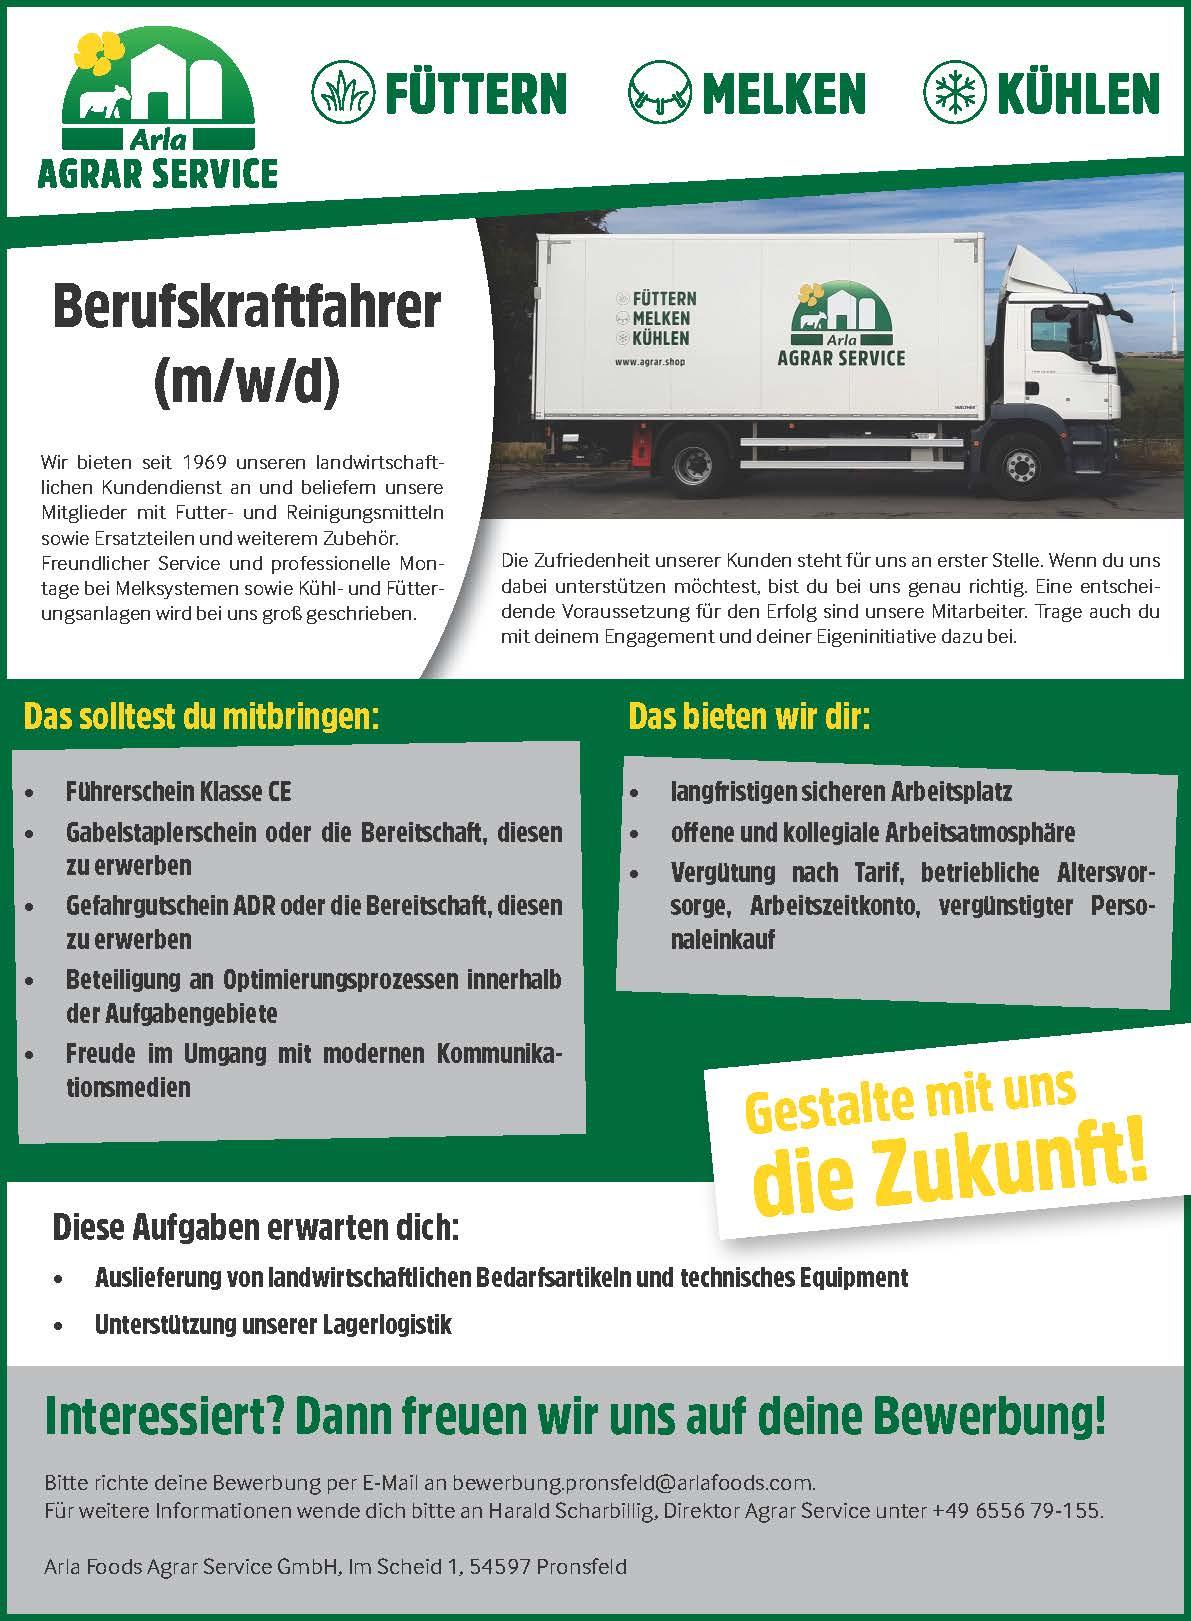 Stellenausschreiung_Berufskraftfahrer_20-08-2020_jescm